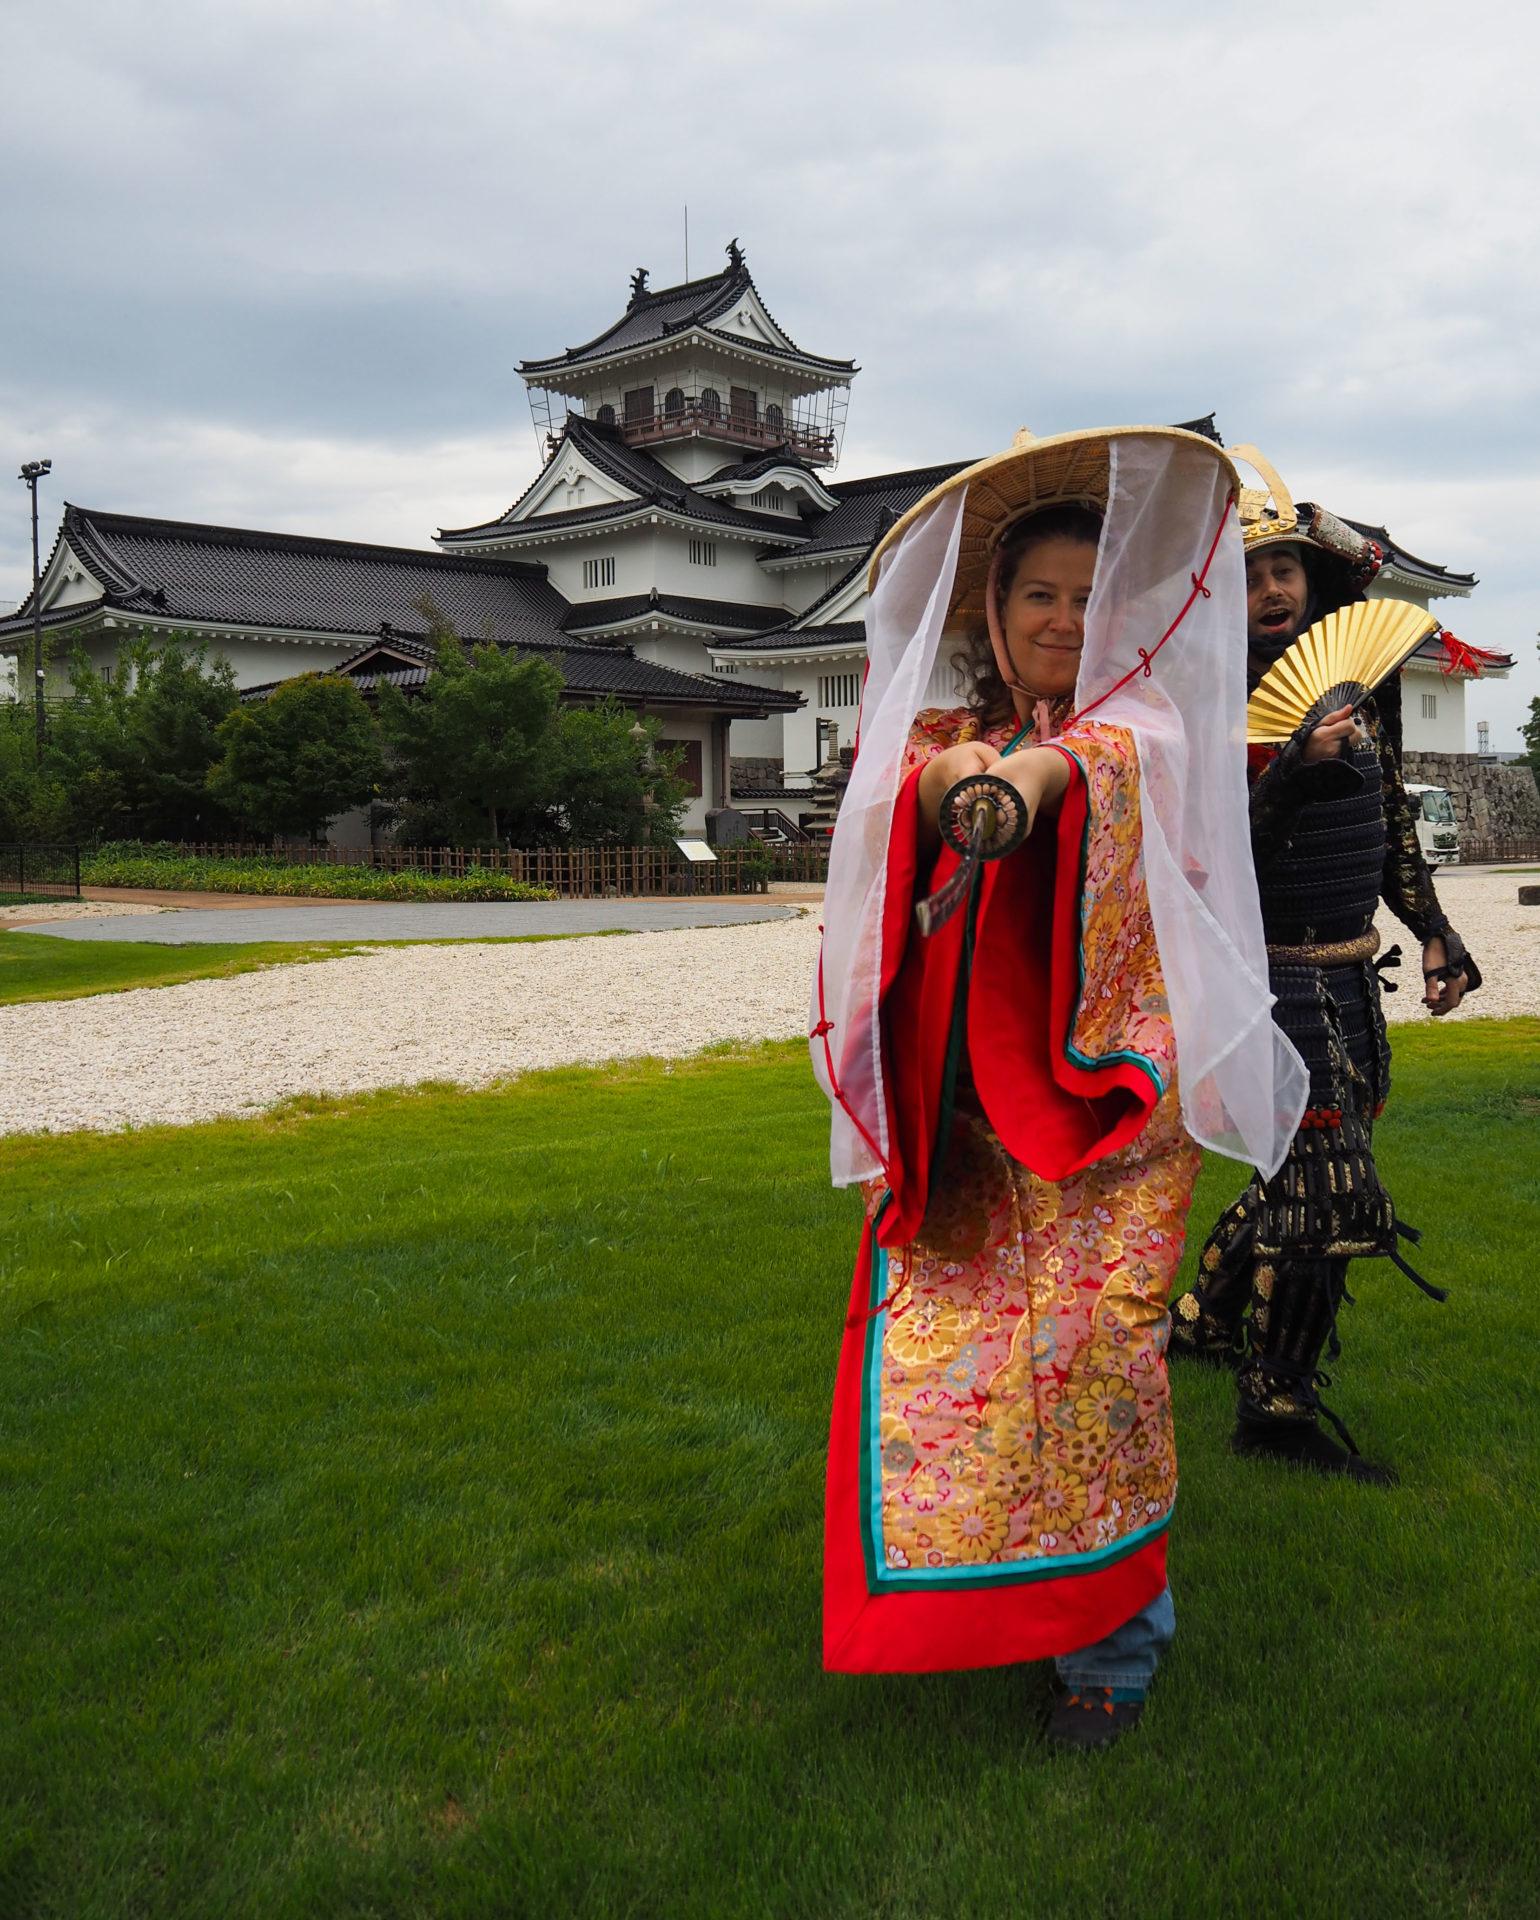 Expérience armure de samourai et kimono au château de Toyama - Préfecture de Toyama, porte d'entrée vers les Alpes Japonaises - Voyager au Japon hors des sentiers battus